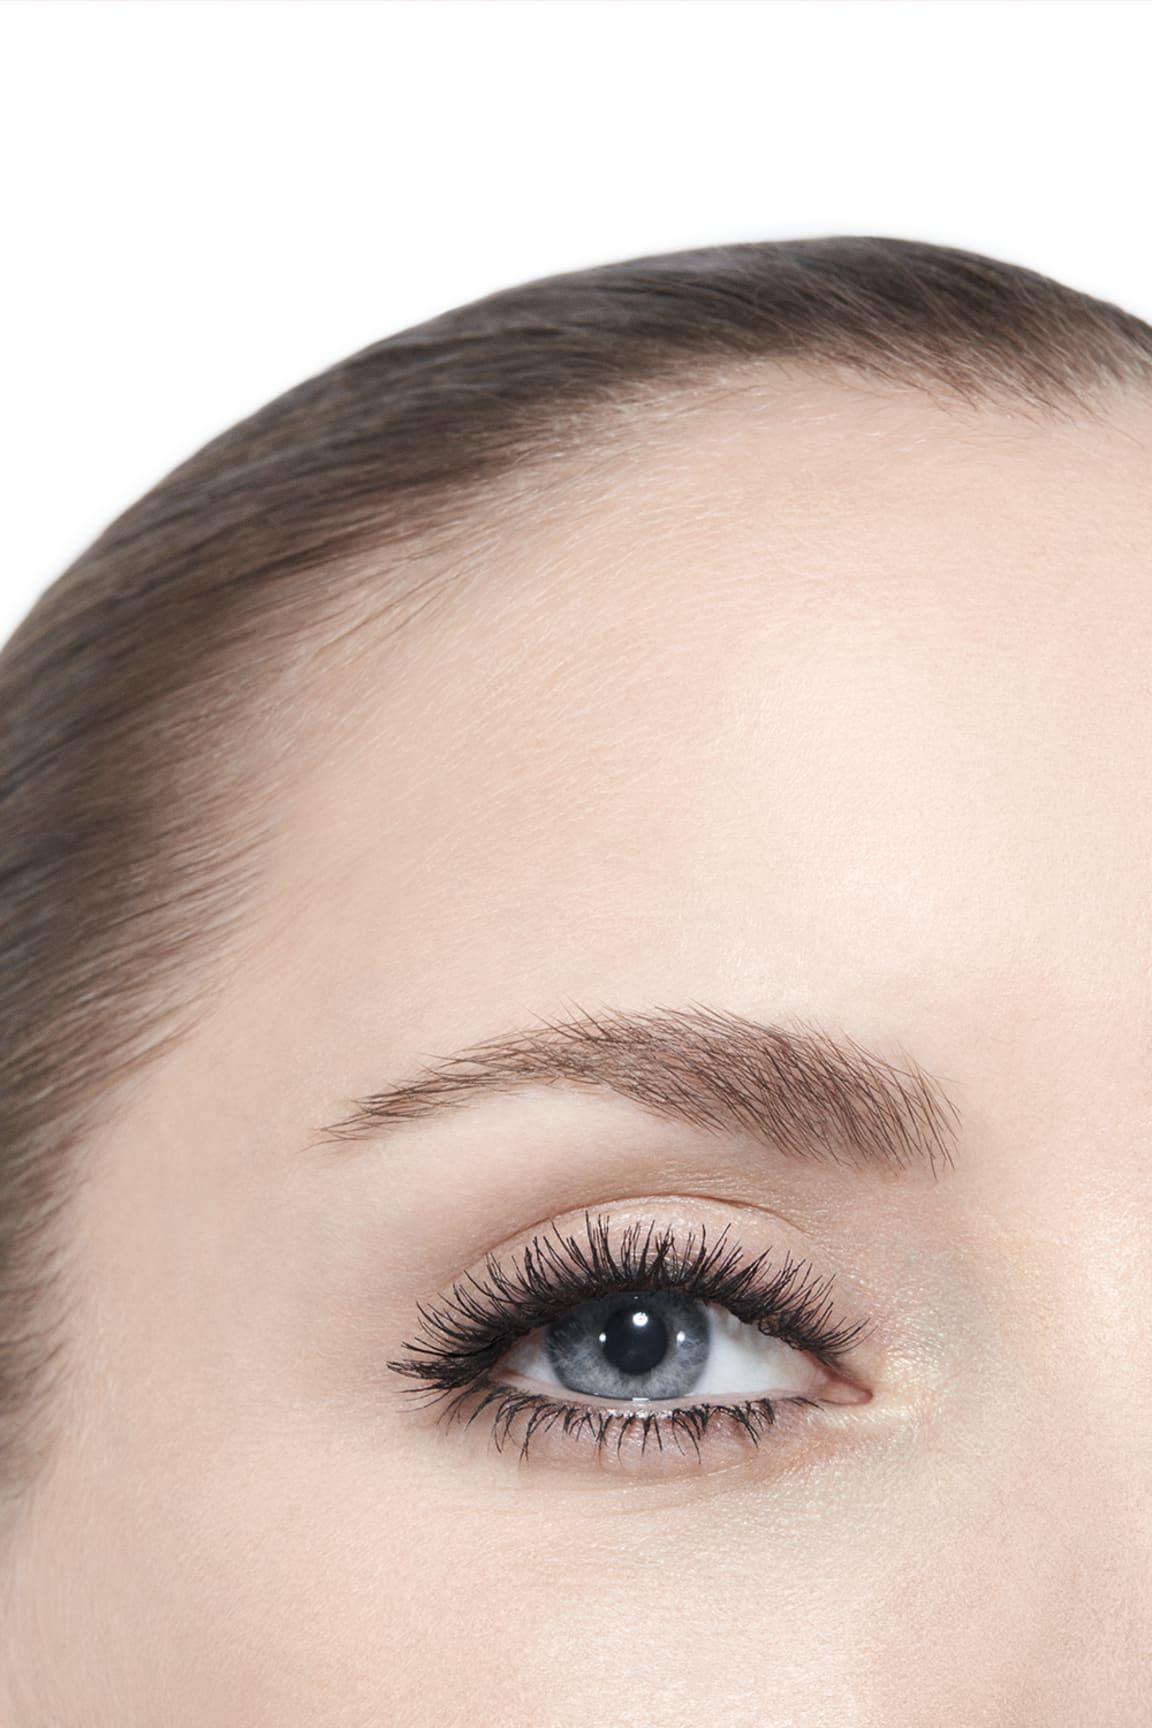 Visuel d'application maquillage 3 - LE VOLUME DE CHANEL WATERPROOF 10 - NOIR